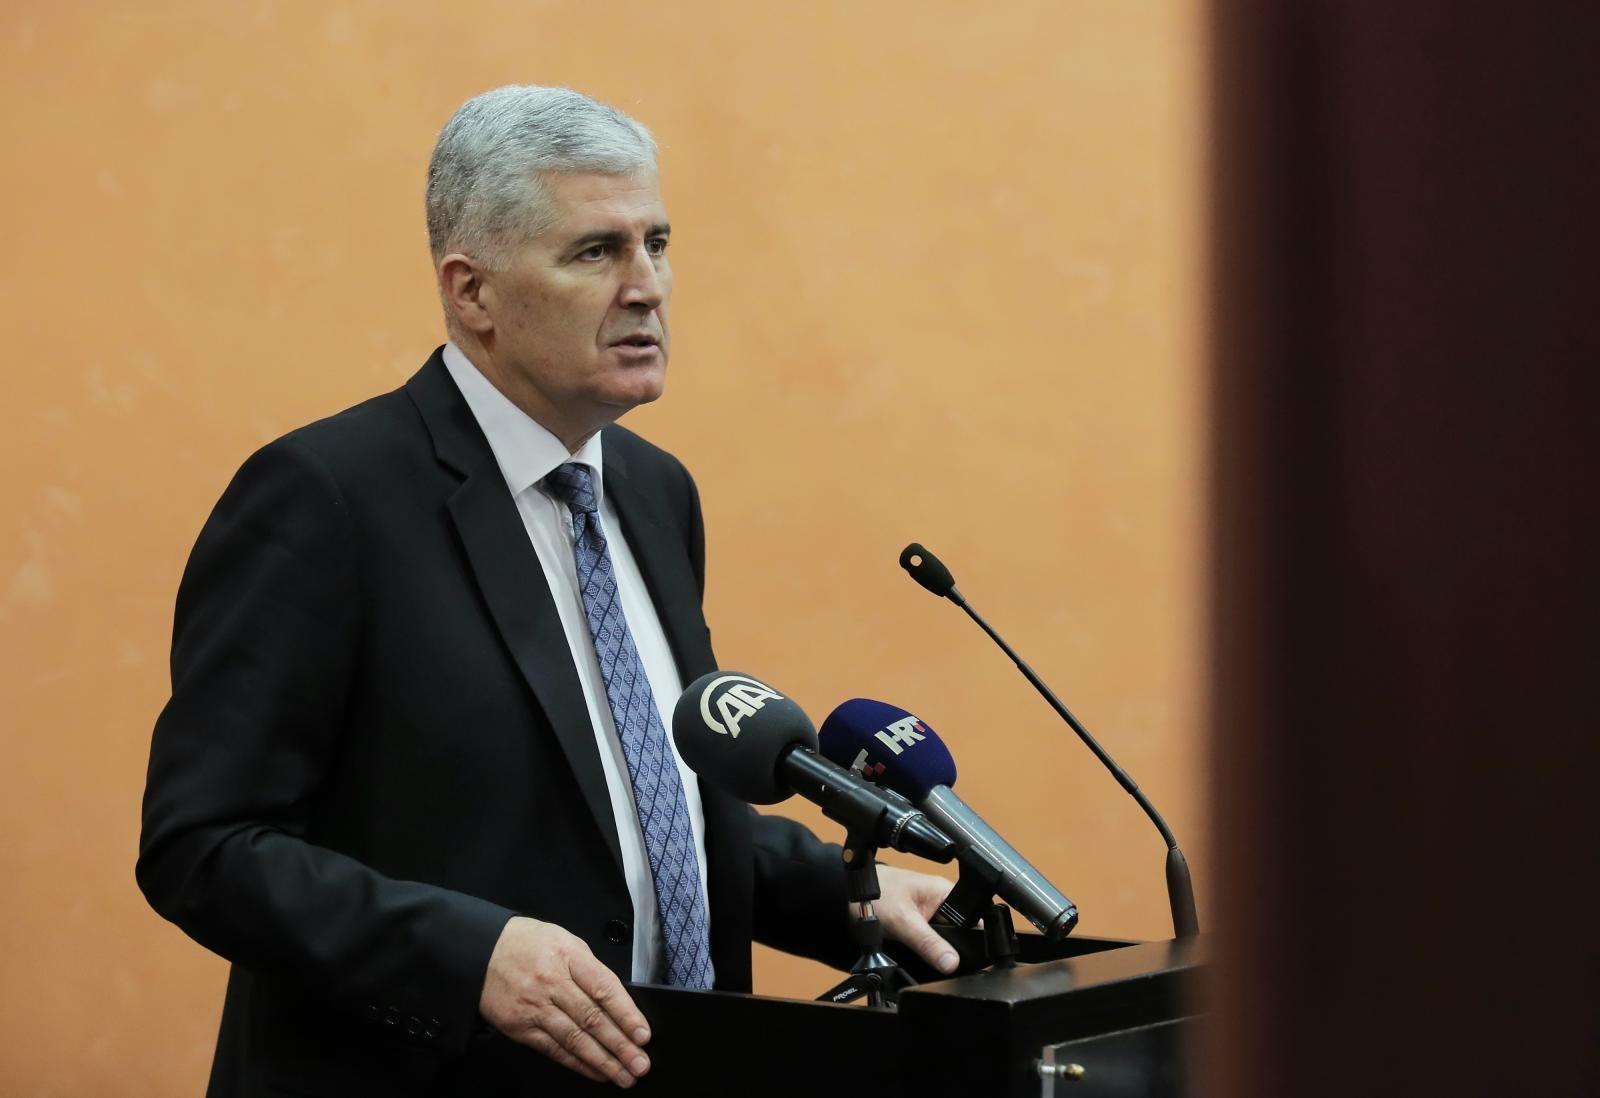 'OPET BI STALI U ZAŠTITU LIJEPE NAŠE': Čović poslao čestitku povodom Dana državnosti, otkrio što očekuje od Zagreba